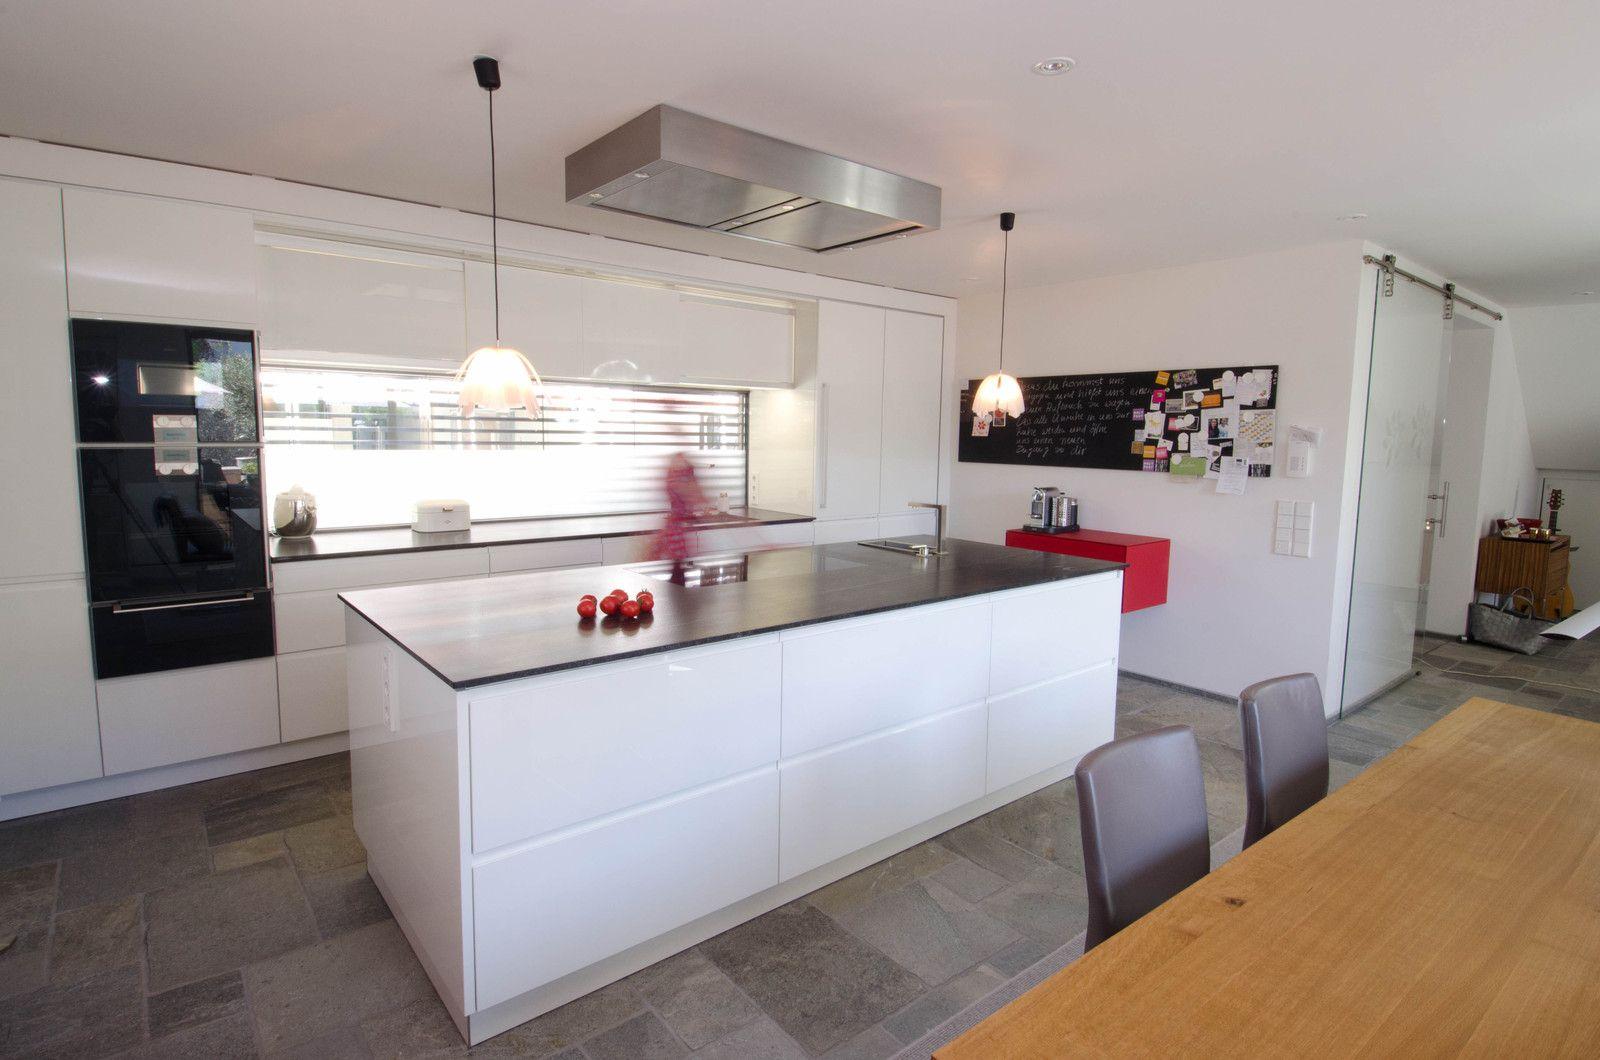 Wohnkuche Hacker Woont Love Your Home Wohnung Kuche Wohnkuche Kuchen Ideen Modern